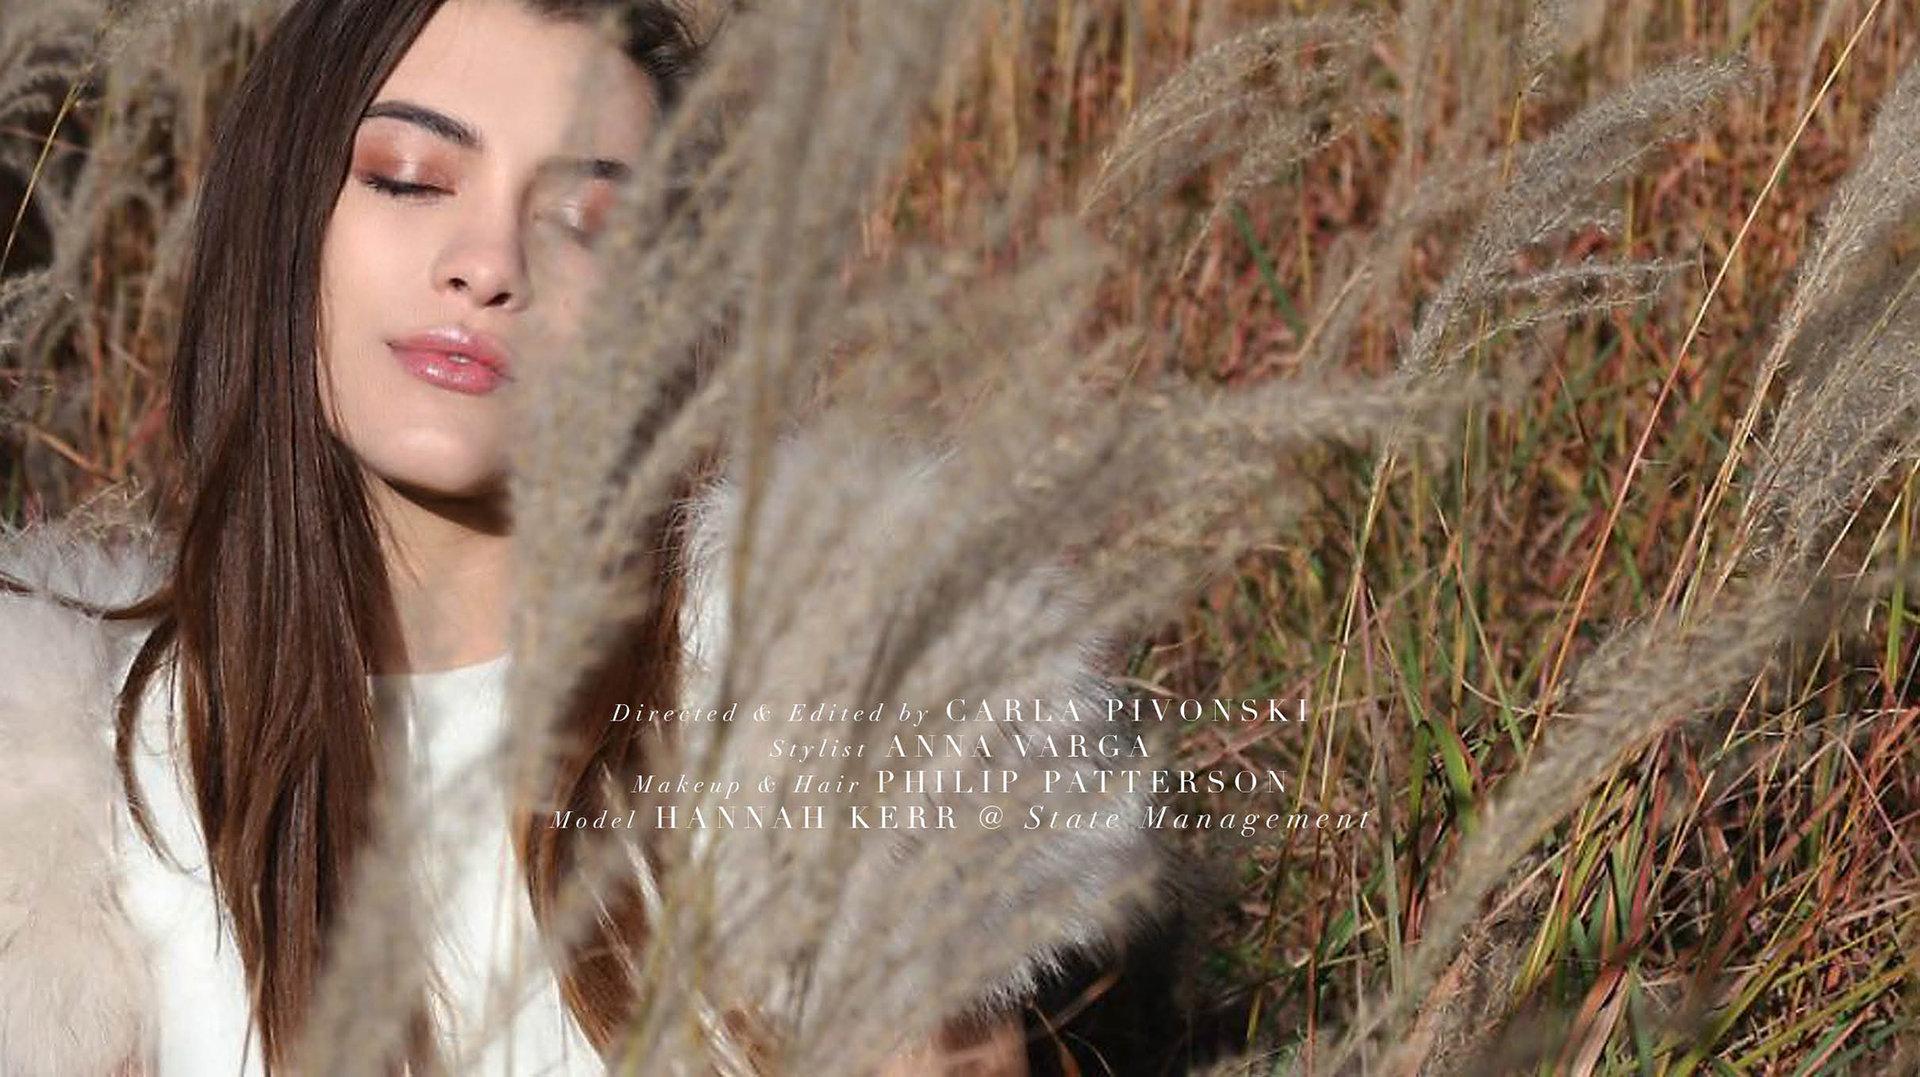 Beauty Location by Carla Pivonski | Photography